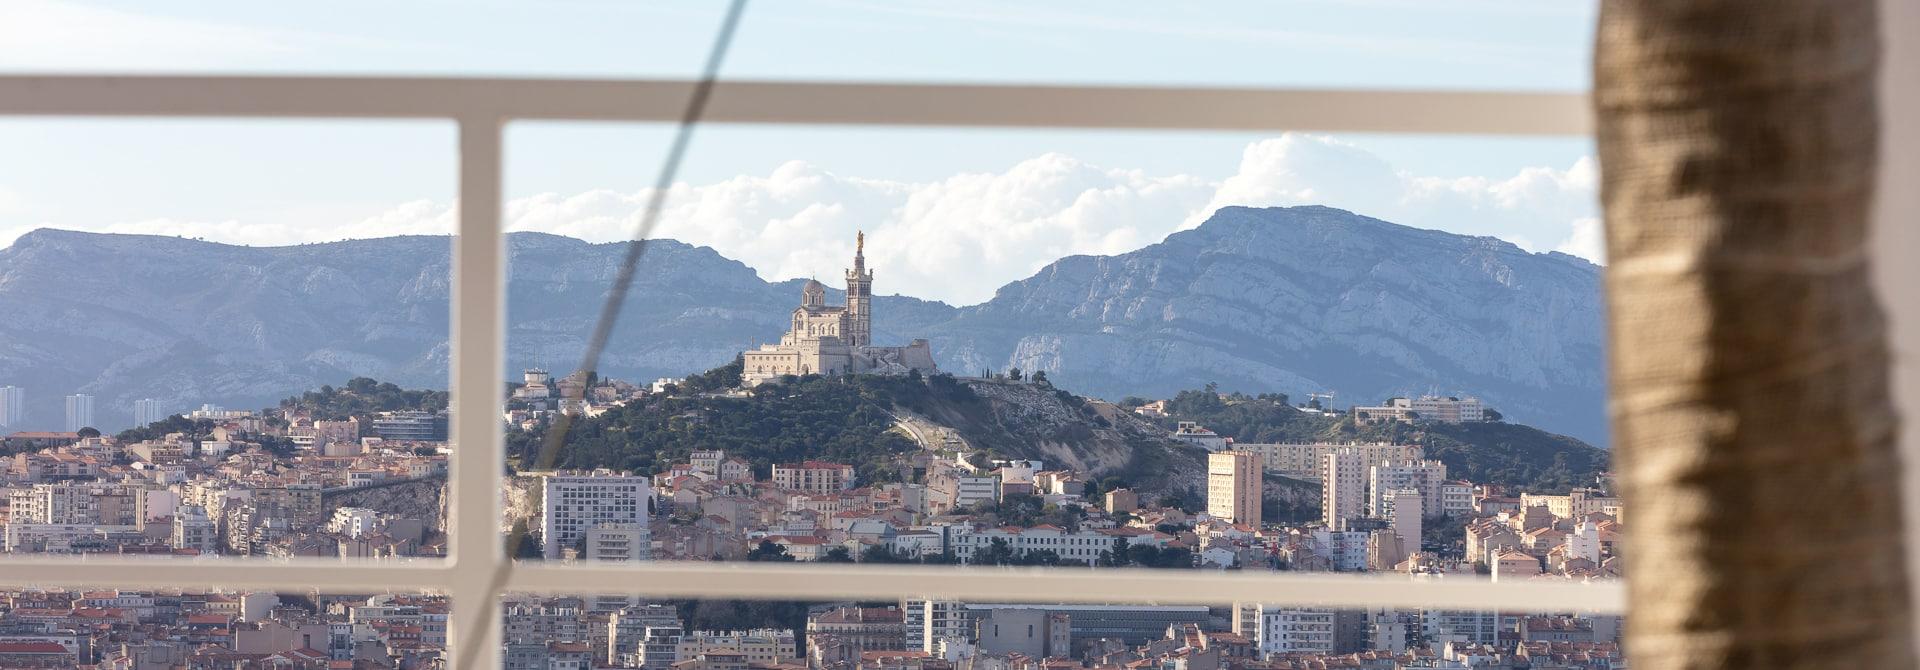 Location salle de réception avec traiteur à Marseille Tour La Marseillaise - Sky Center